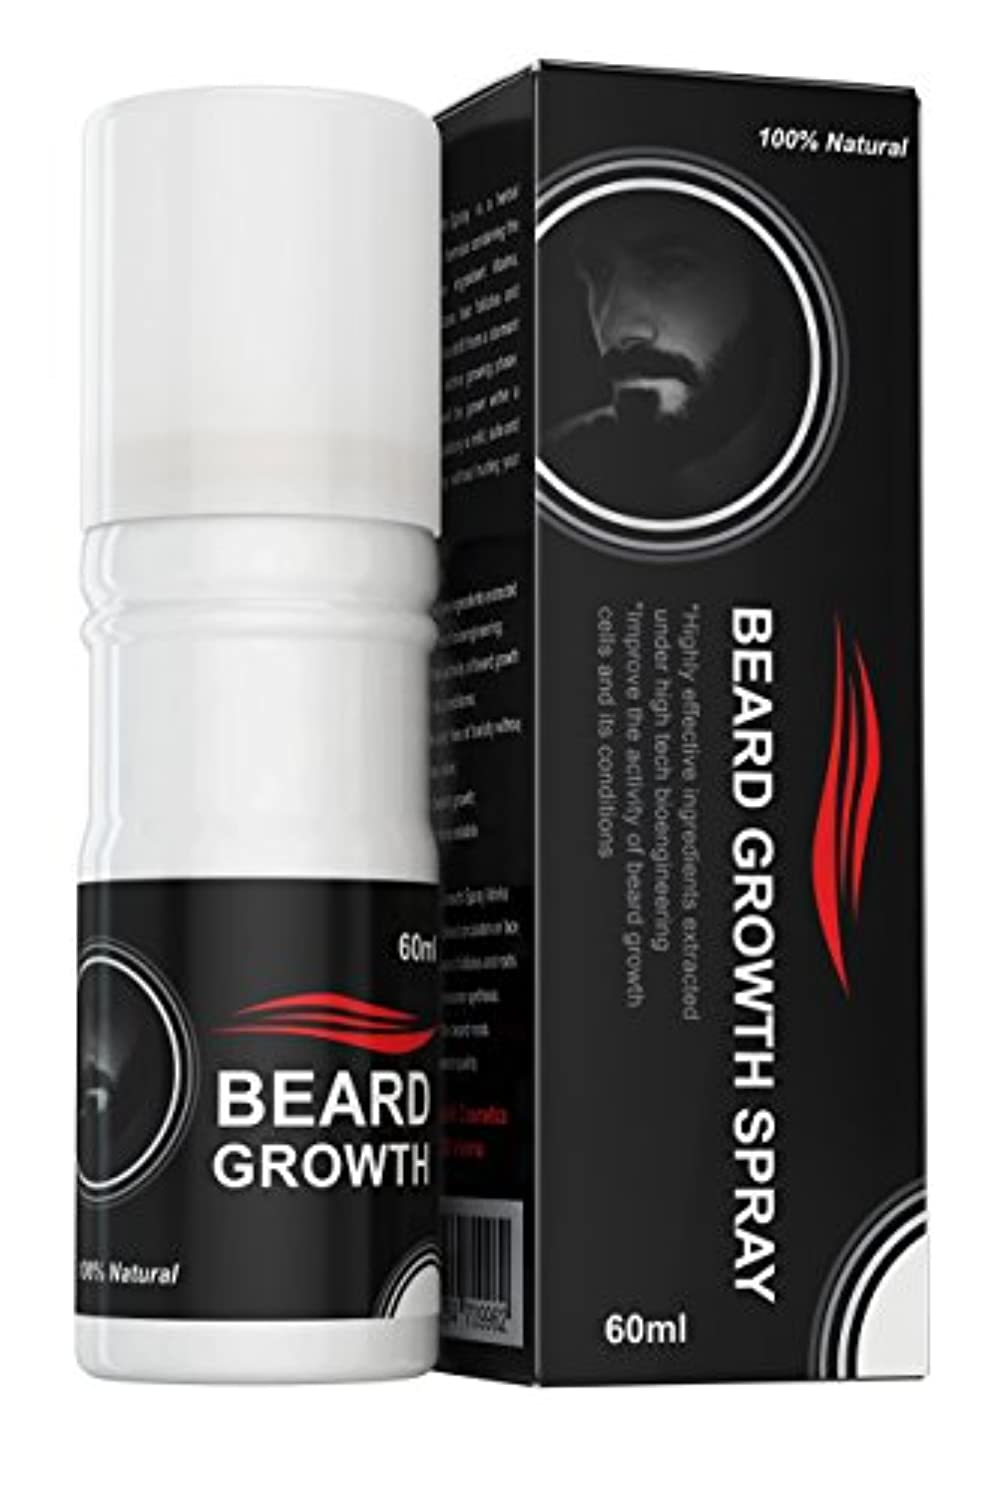 ストライク黙二度Beard Growth Spray®(ベアードグロースプレー®)- ヒゲの育毛剤 - 100%天然成分使用